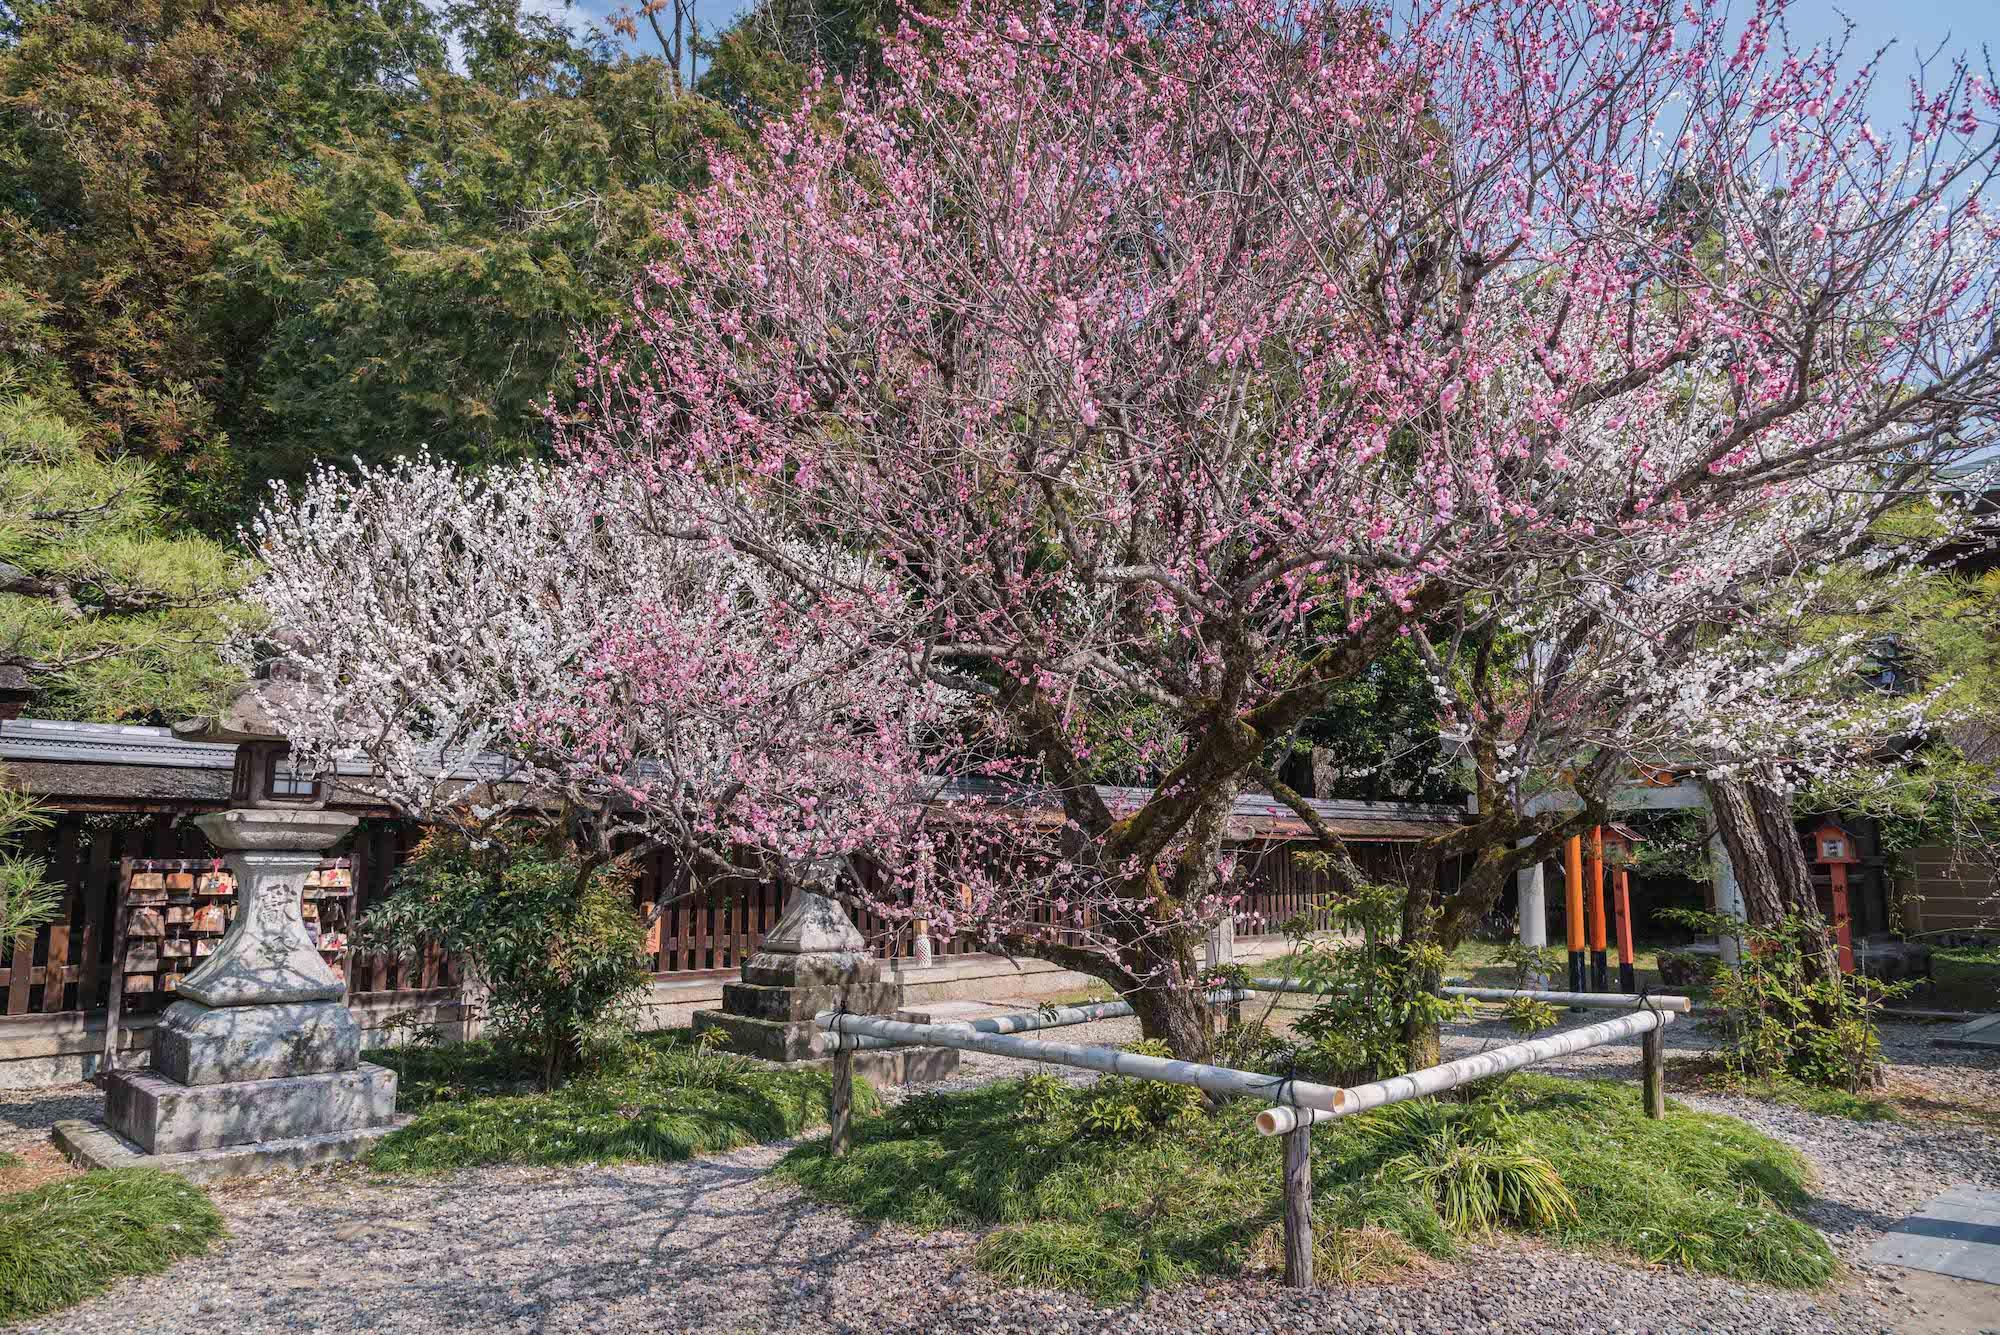 DSC_2200 京都 梅宮大社(境内に咲く35種500本の梅と猫神社で人気の写真スポット。 アクセス情報や交通手段・駐車場情報などまとめ)